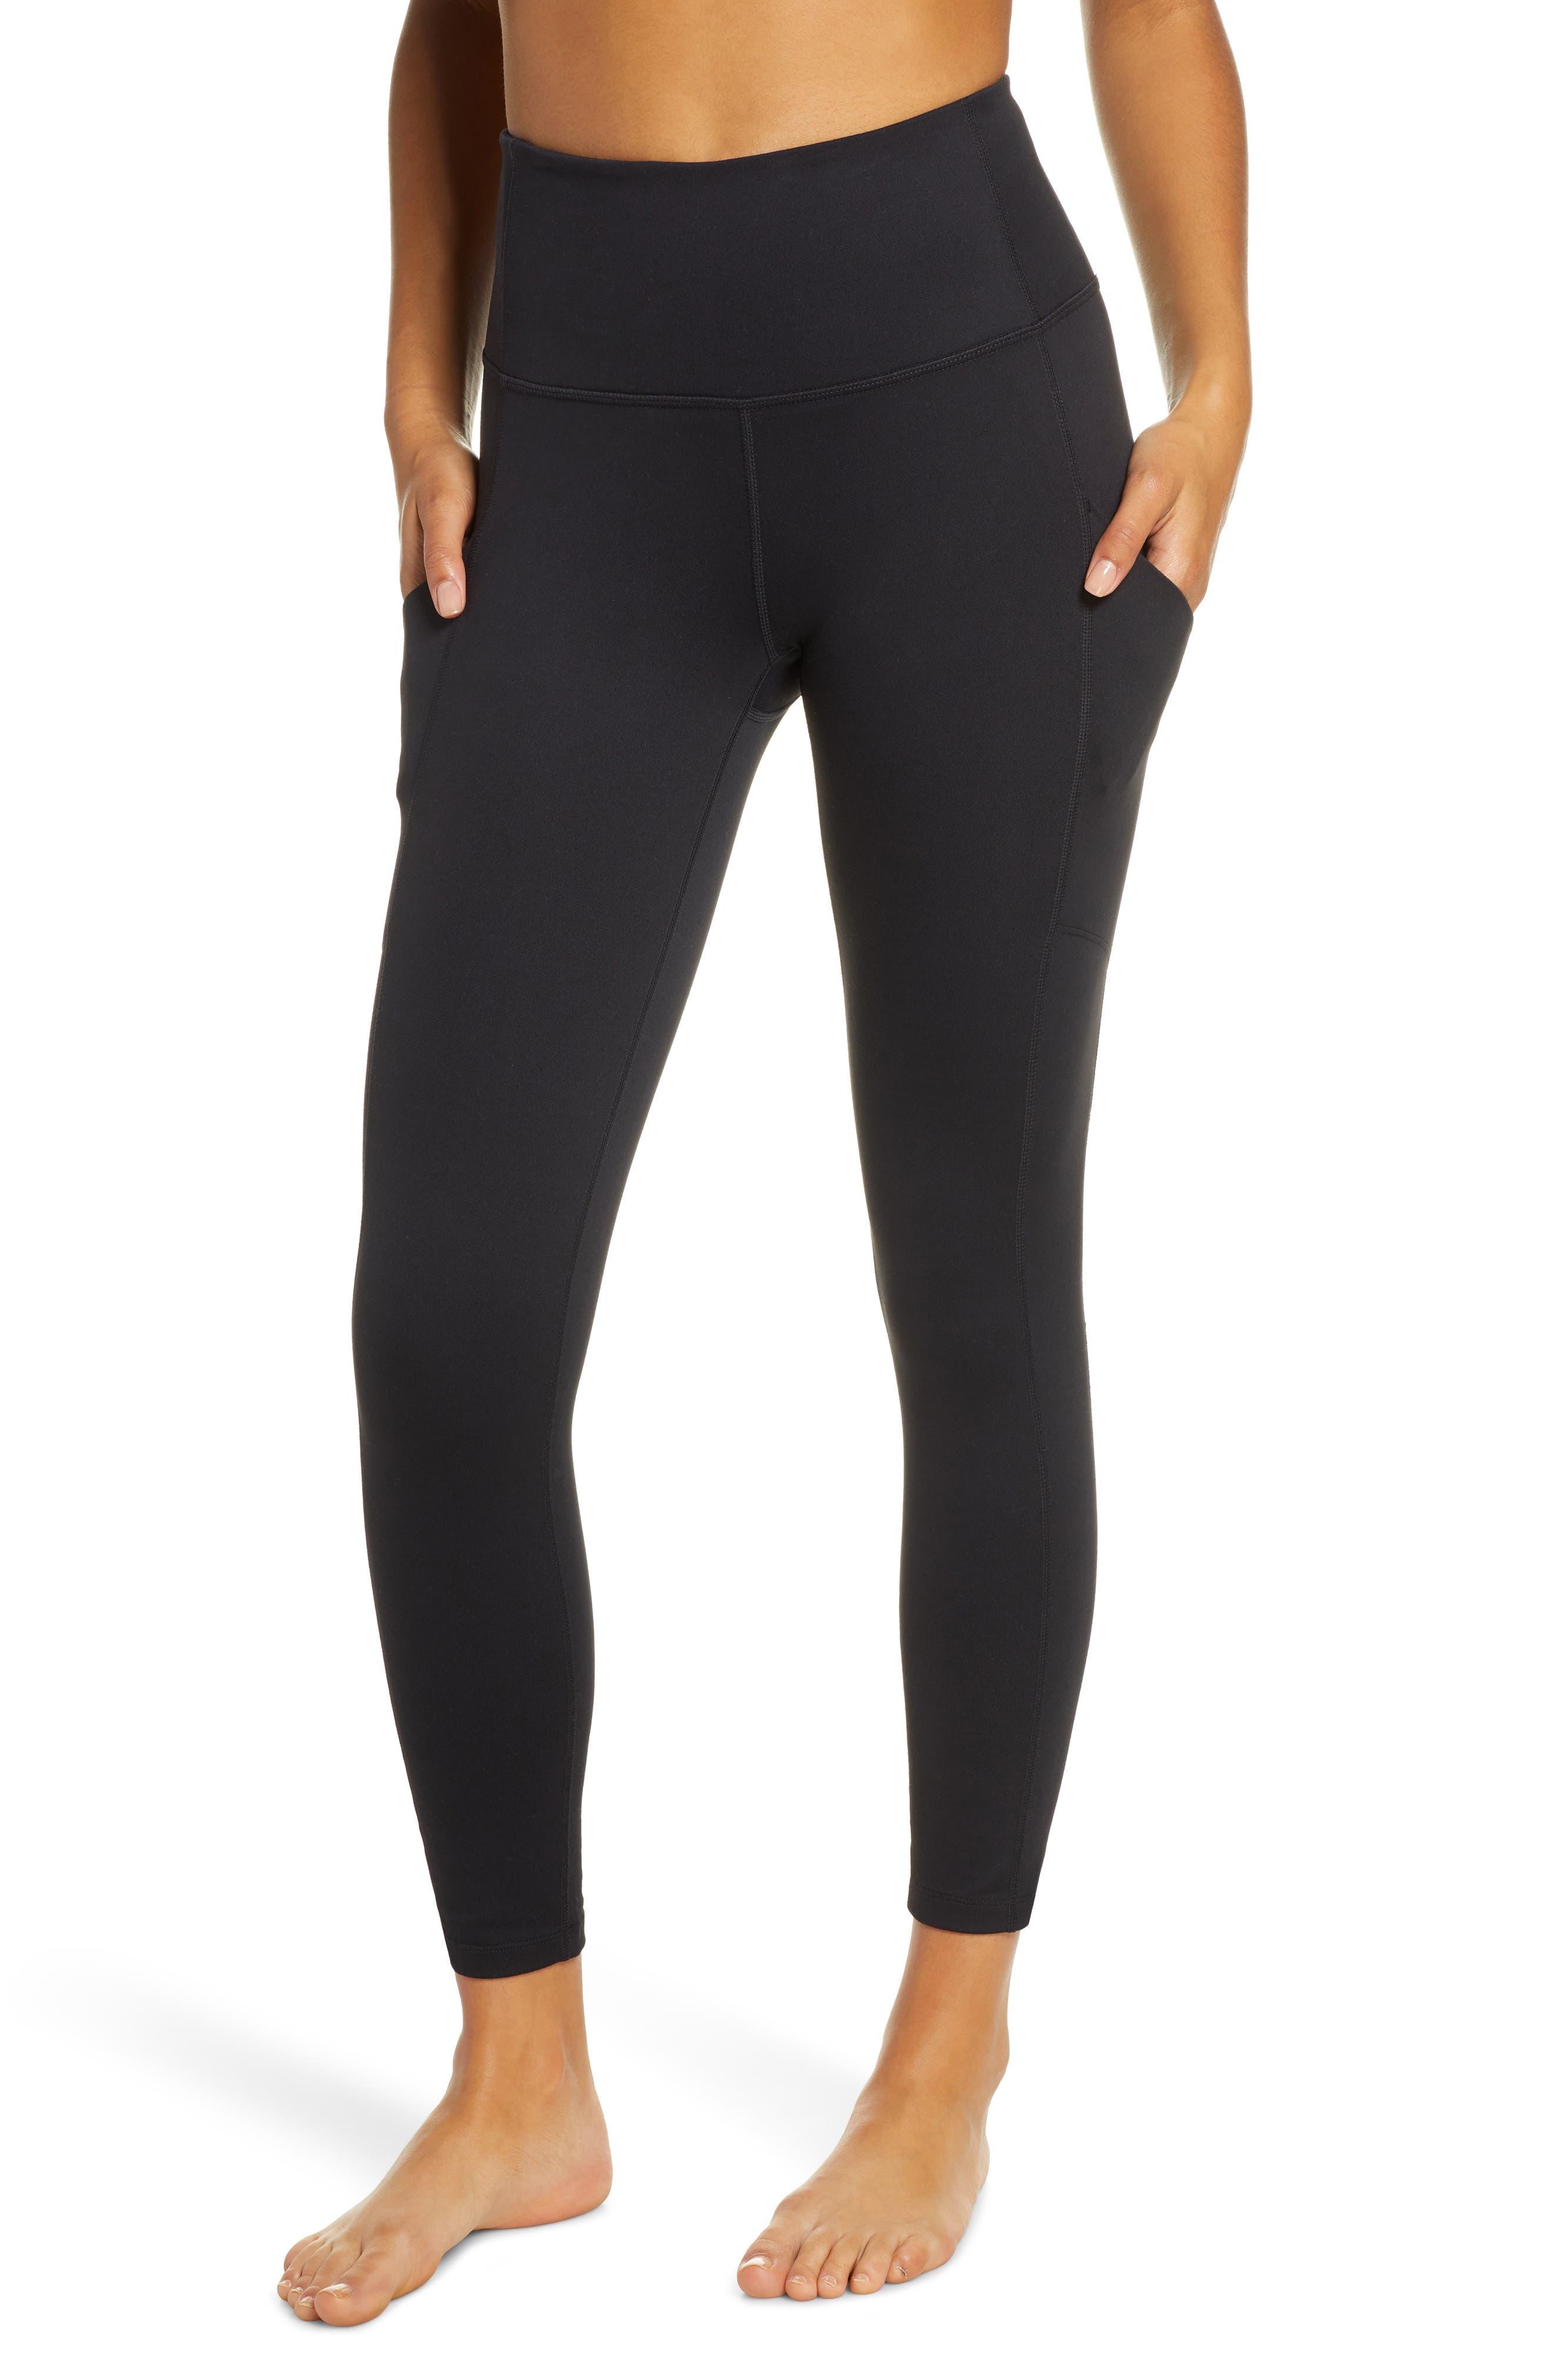 Women's Pants & Leggings | Nordstrom